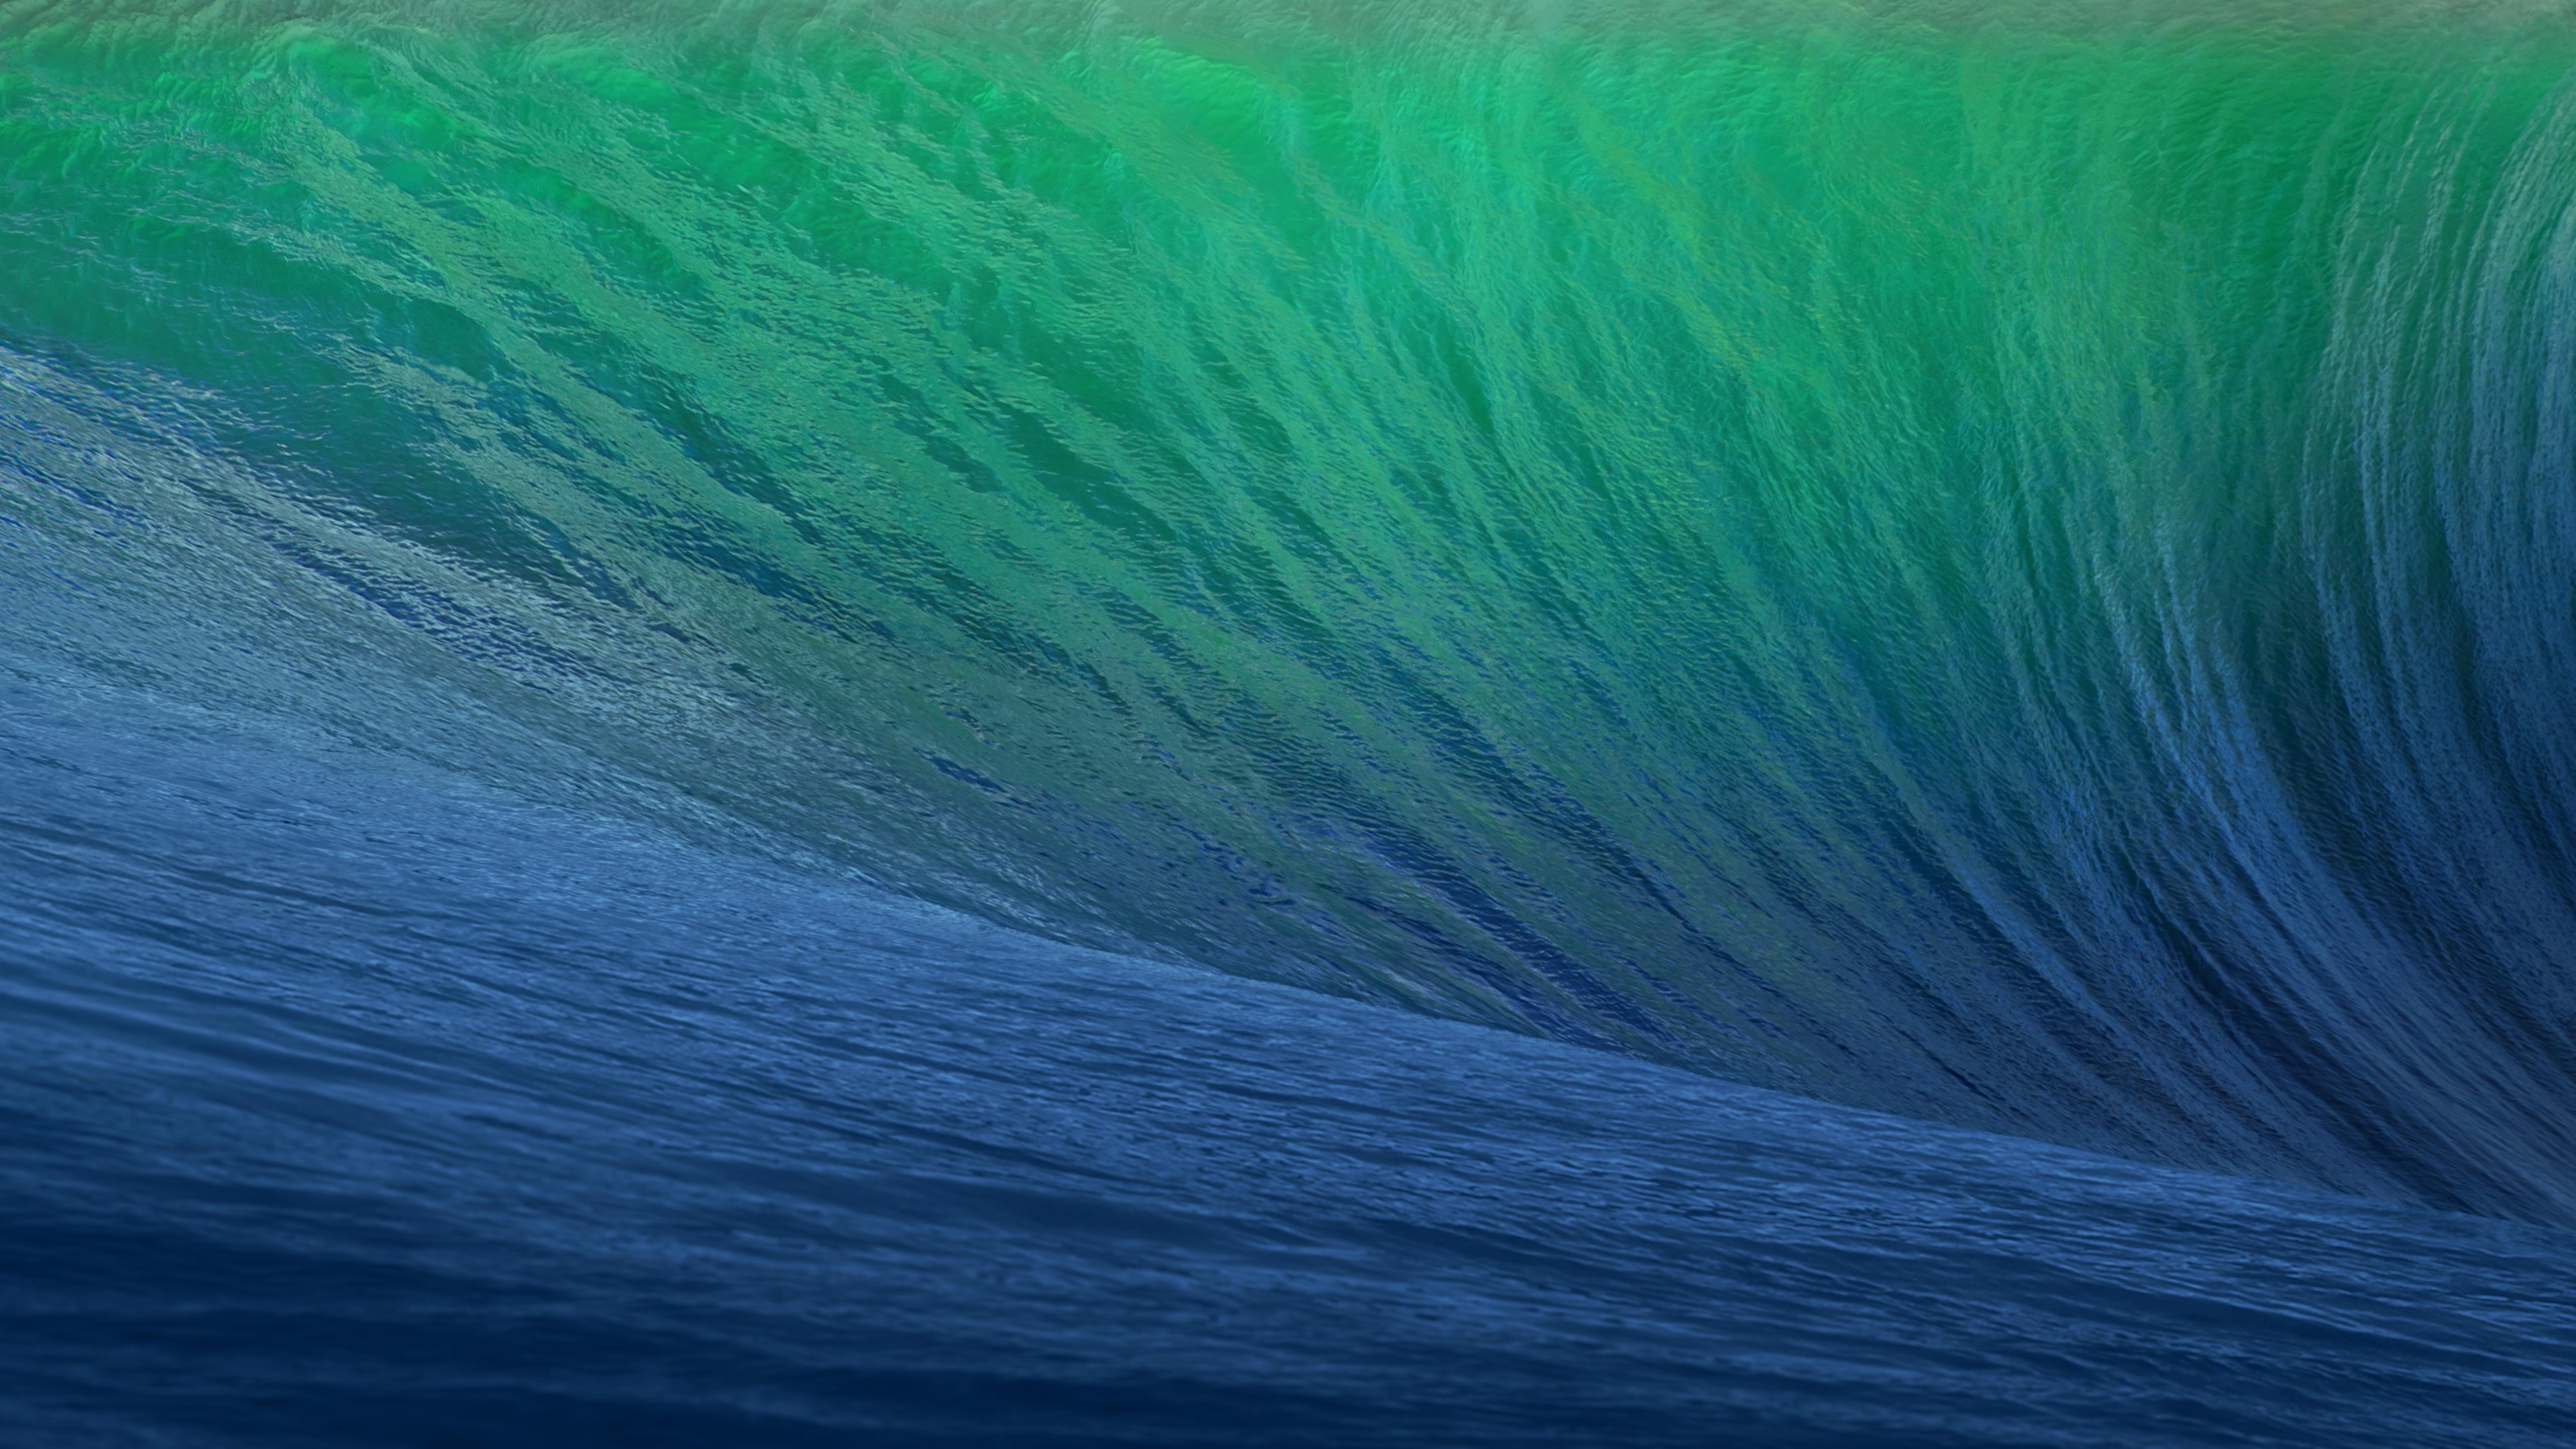 OS X Mavericks - 5120x2880